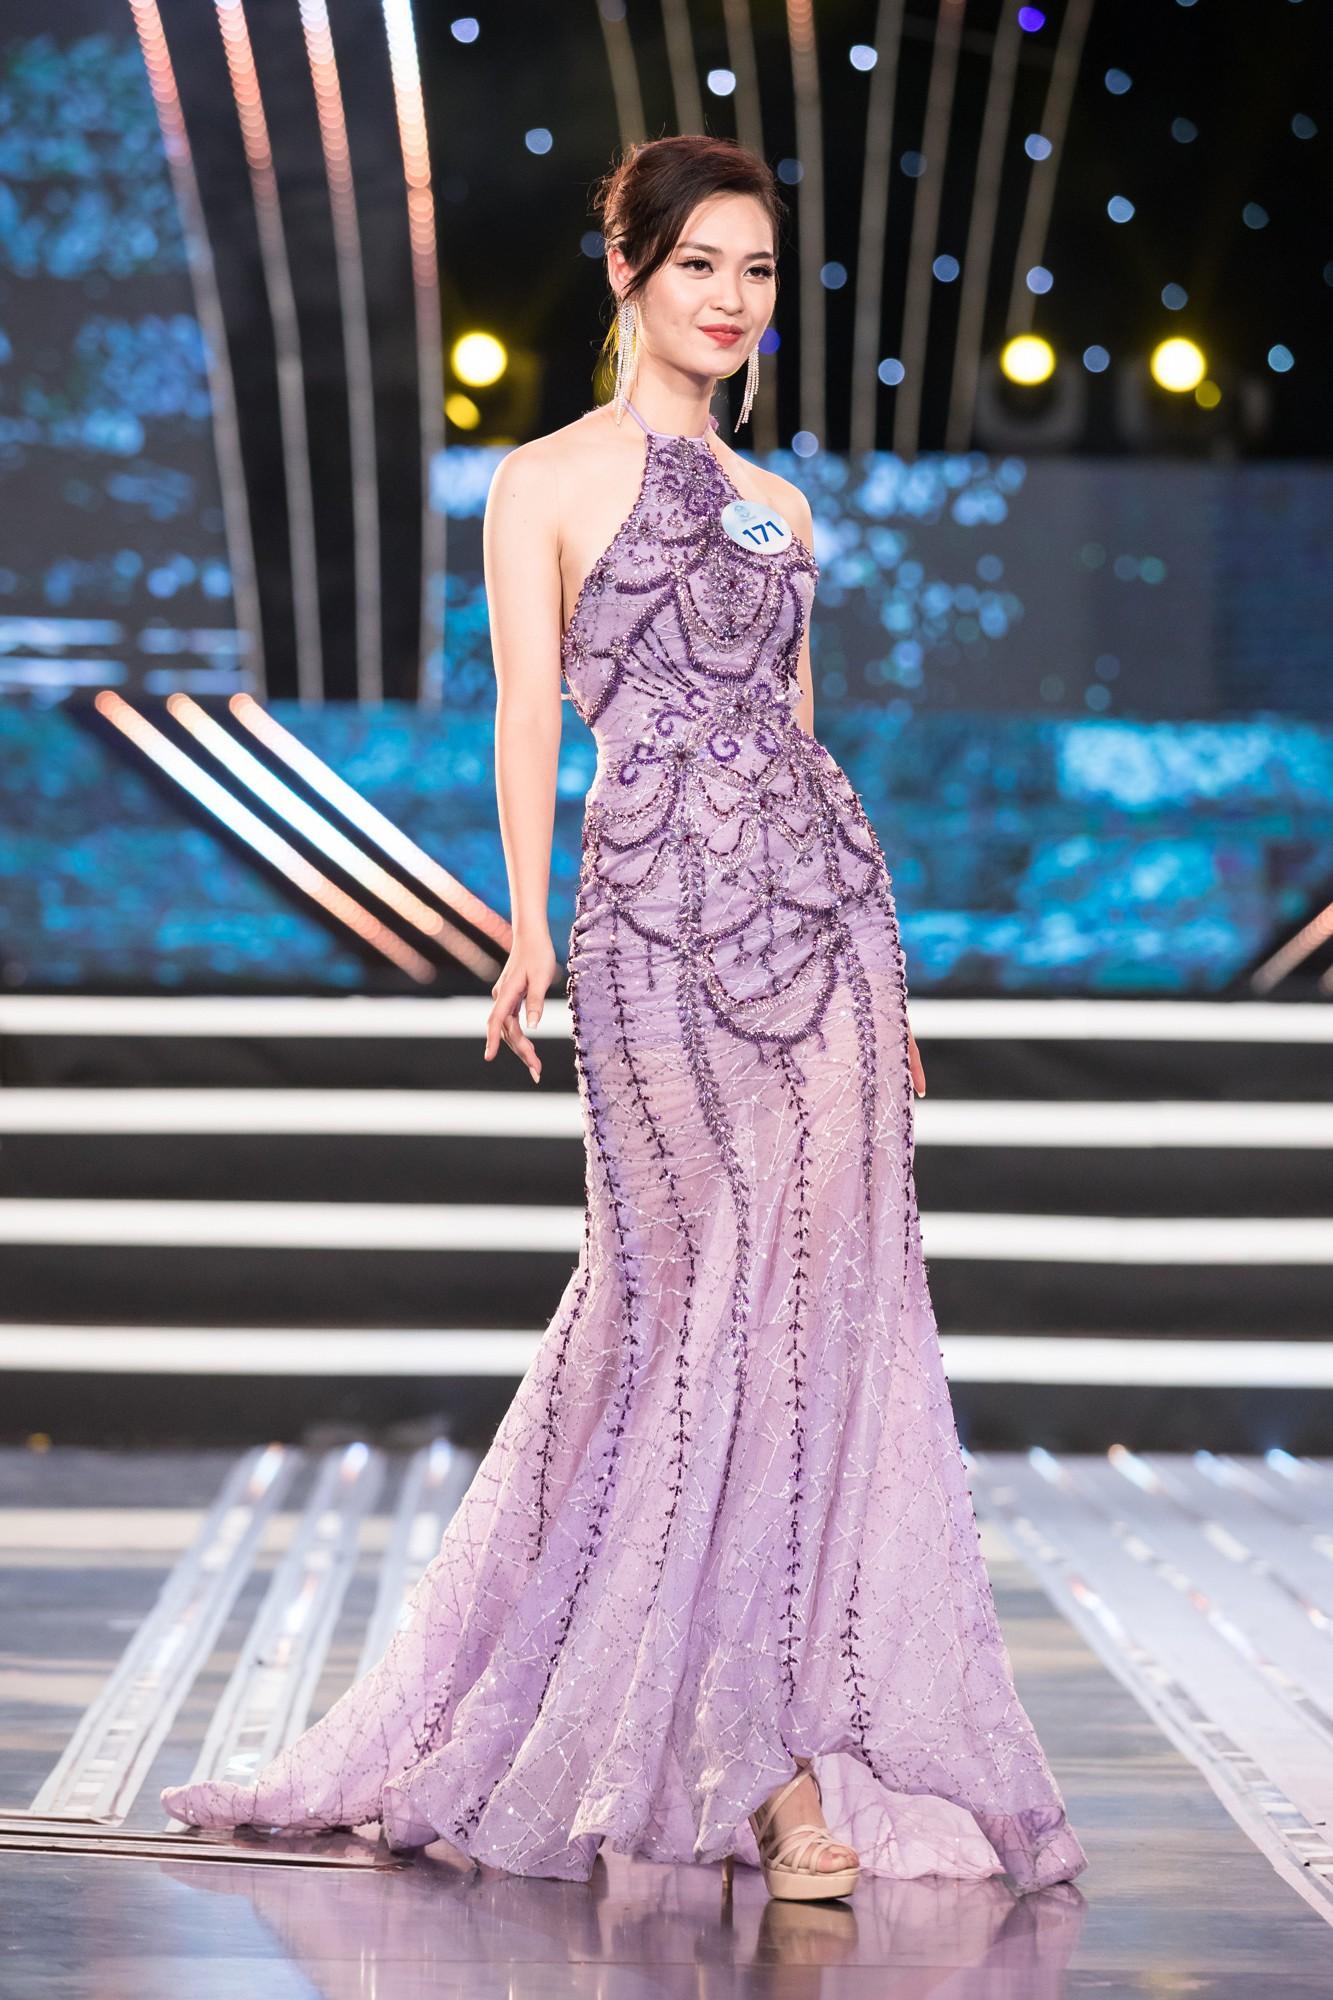 Soi nhan sắc 20 cô gái phía Bắc vừa lọt Chung kết Miss World VN: Thí sinh mặt đẹp nhất lại lộ vóc dáng đô con, thiếu đường cong-6